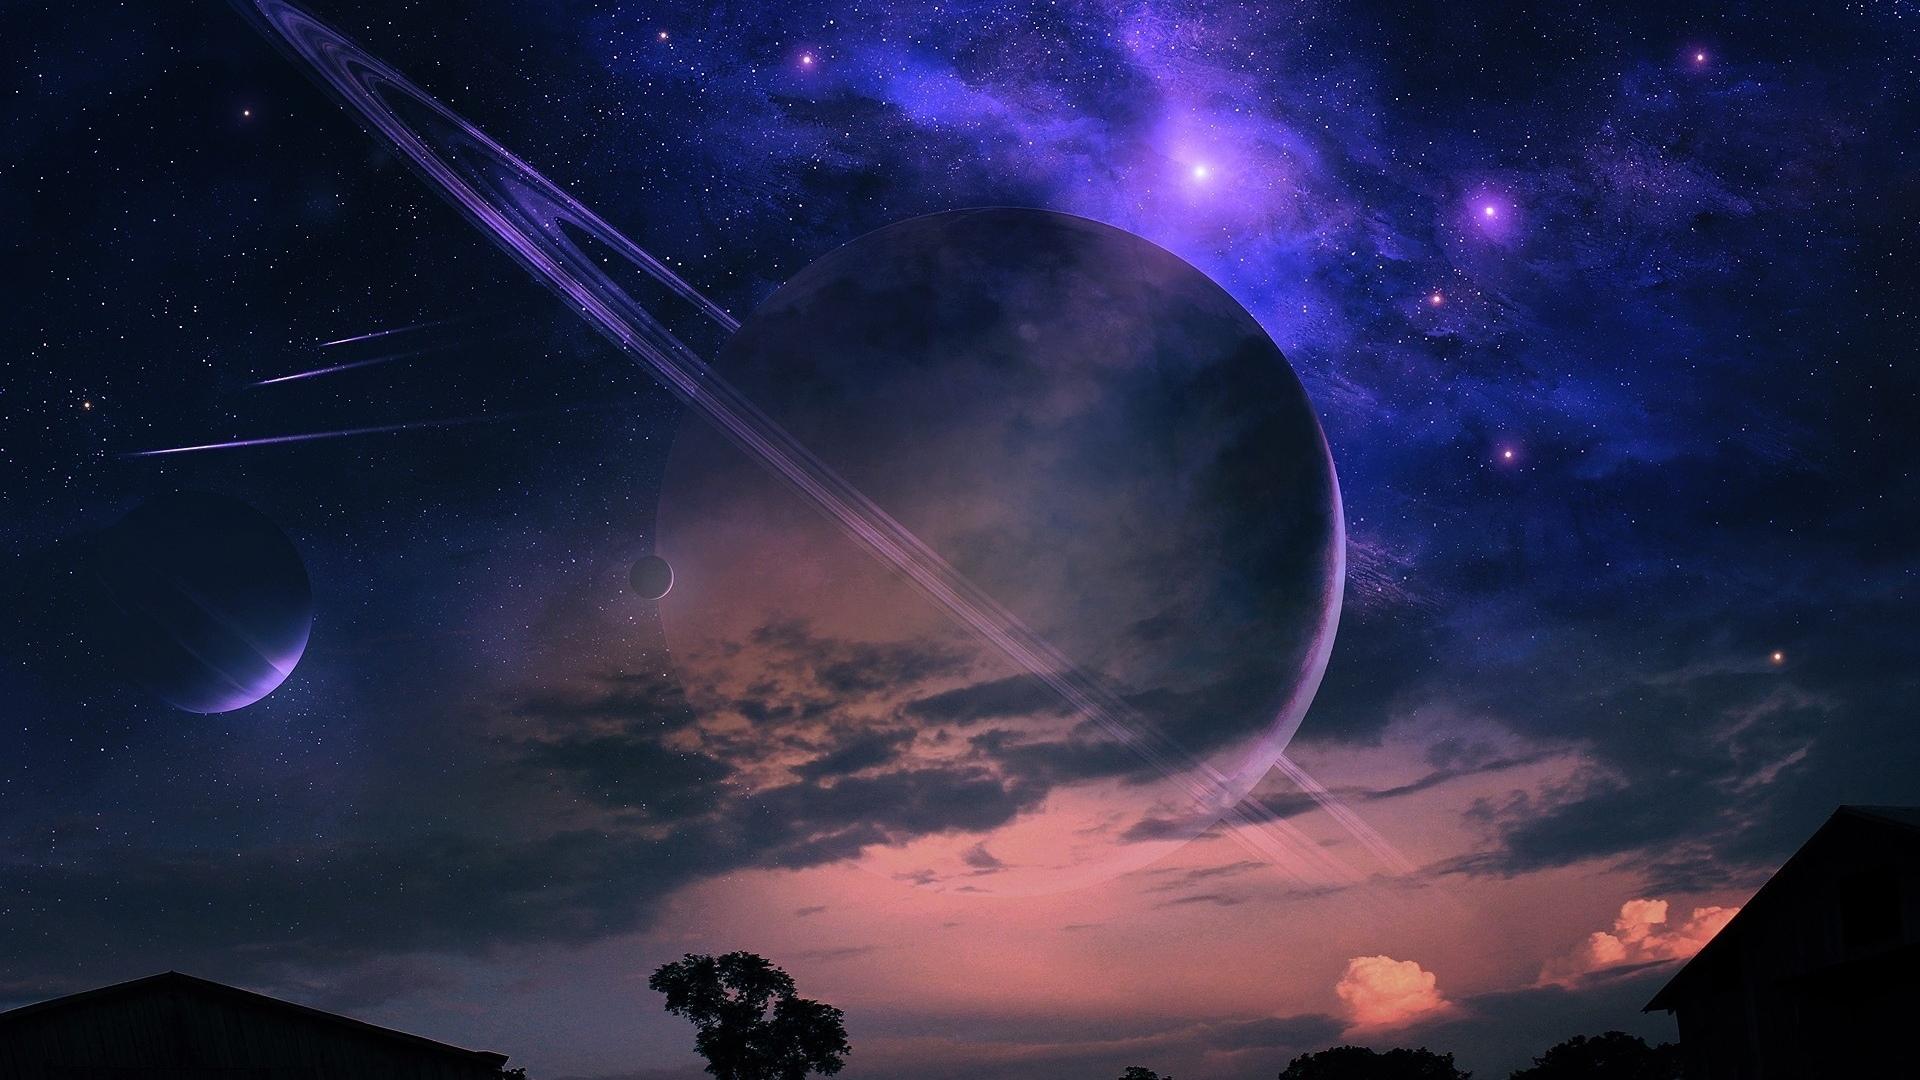 HDoboi.Kiev.ua - Планеты и звезды а небе, обои на телефон про космос, звездное небо